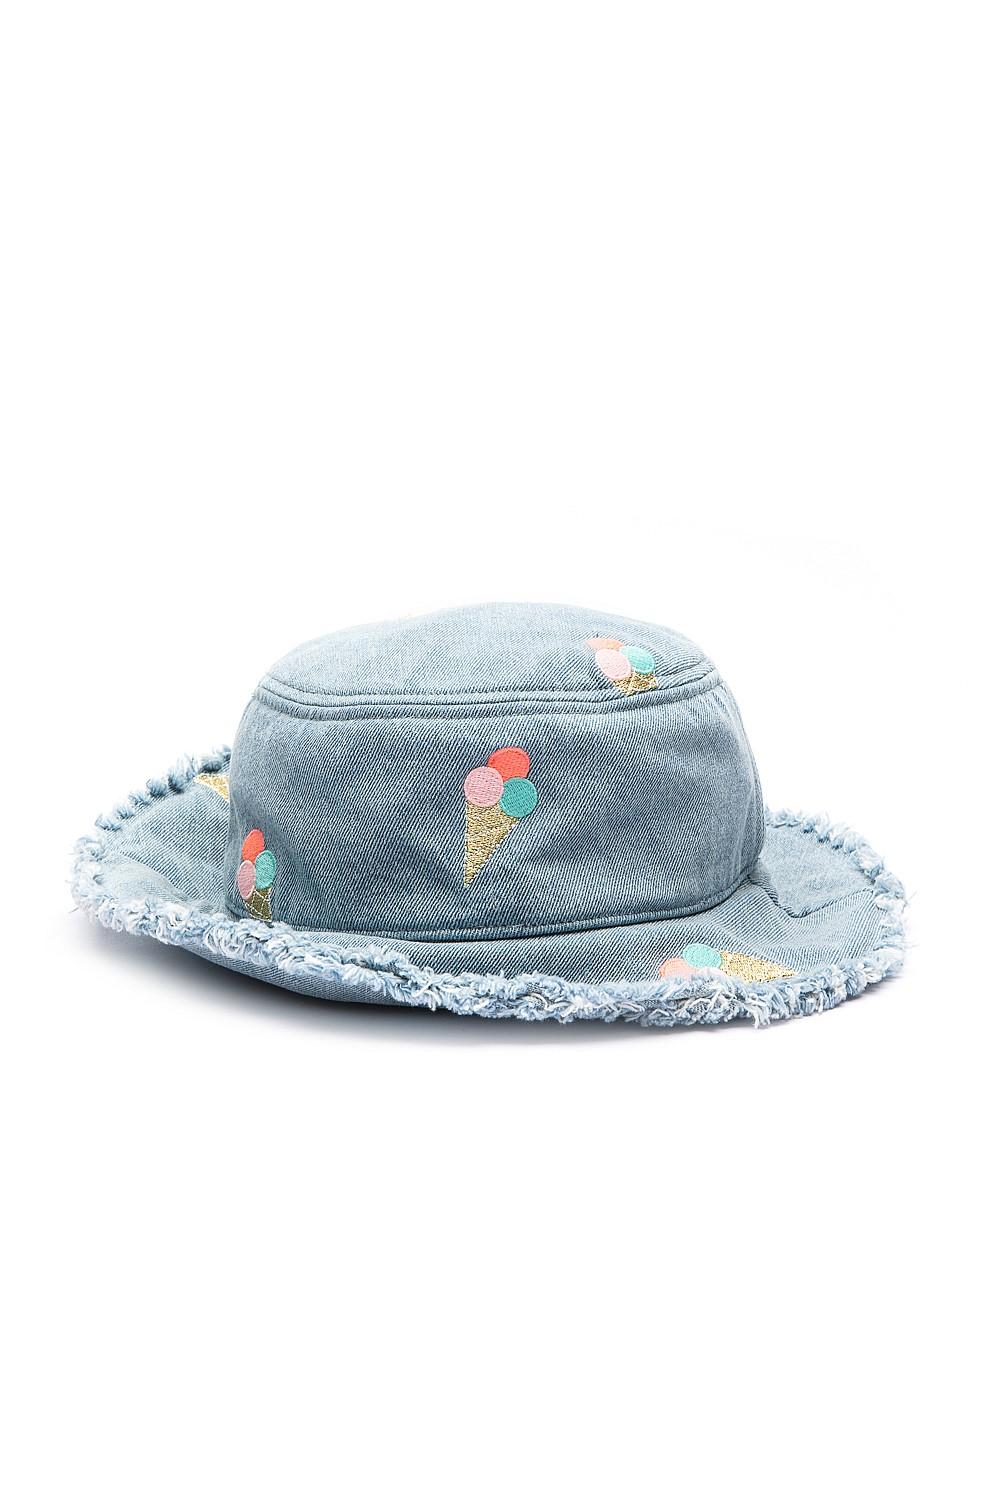 Ice Cream Bucket Hat  8a26a3da49d